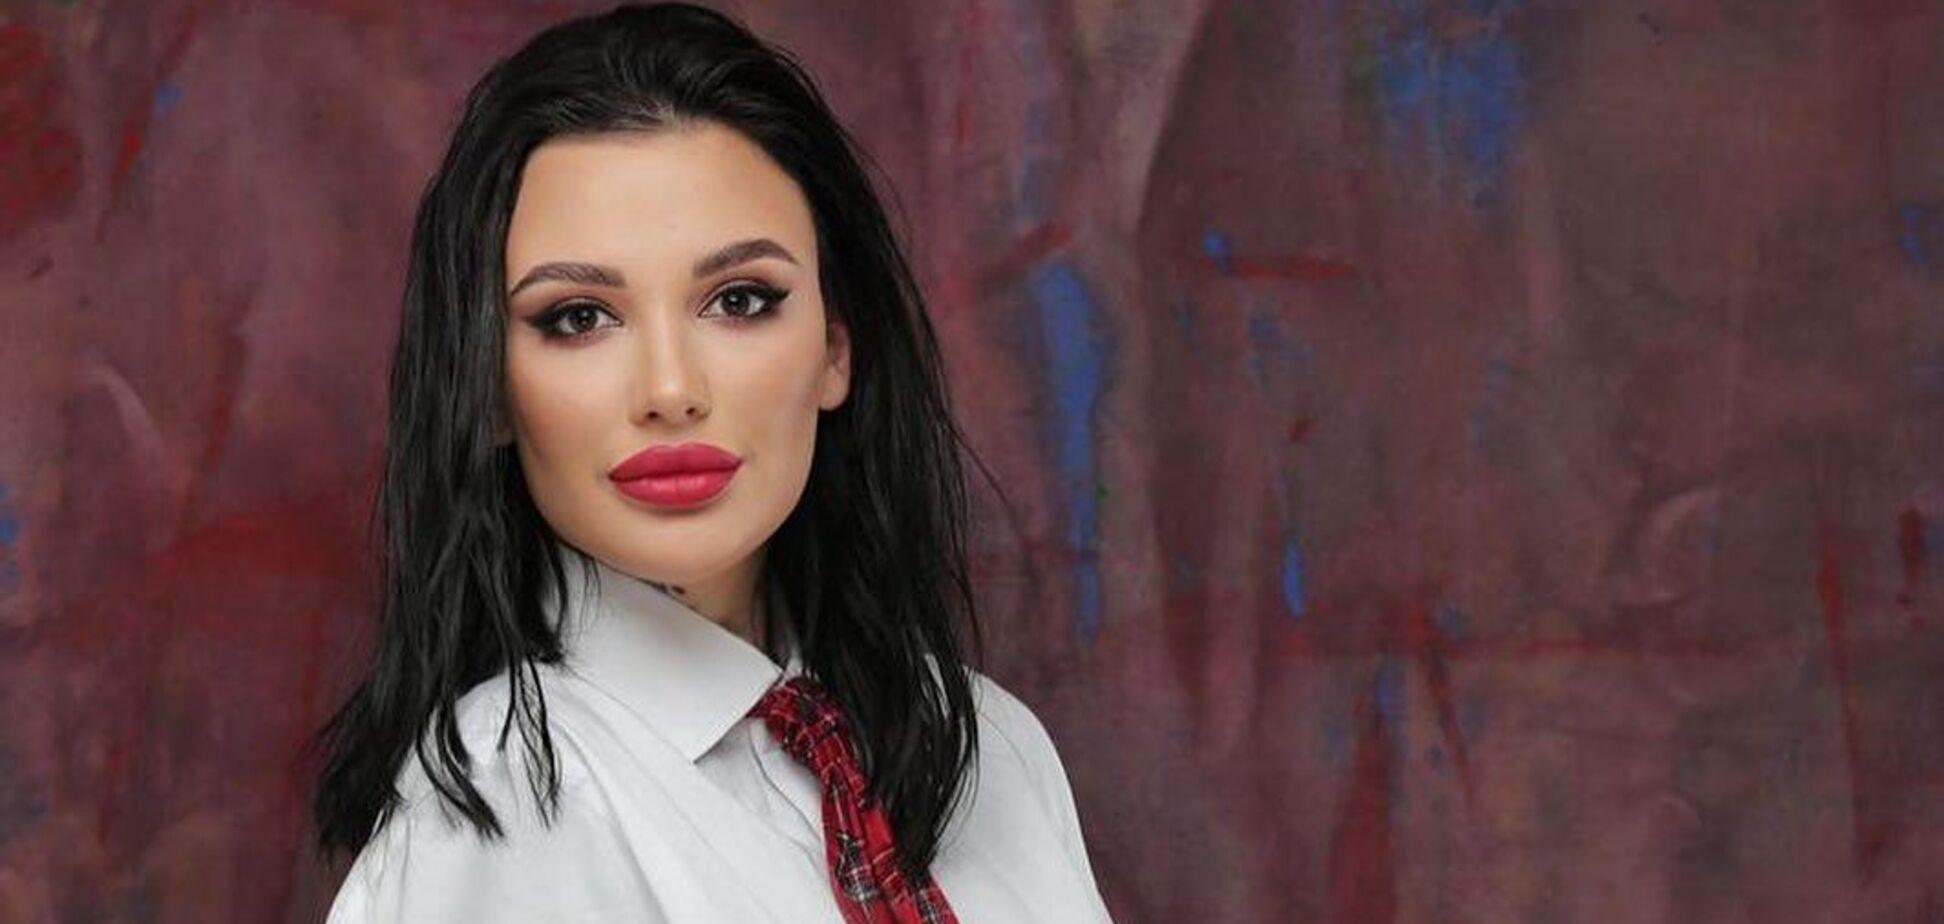 Адель из 'Холостяка' о своей профессии: порно смотрят все